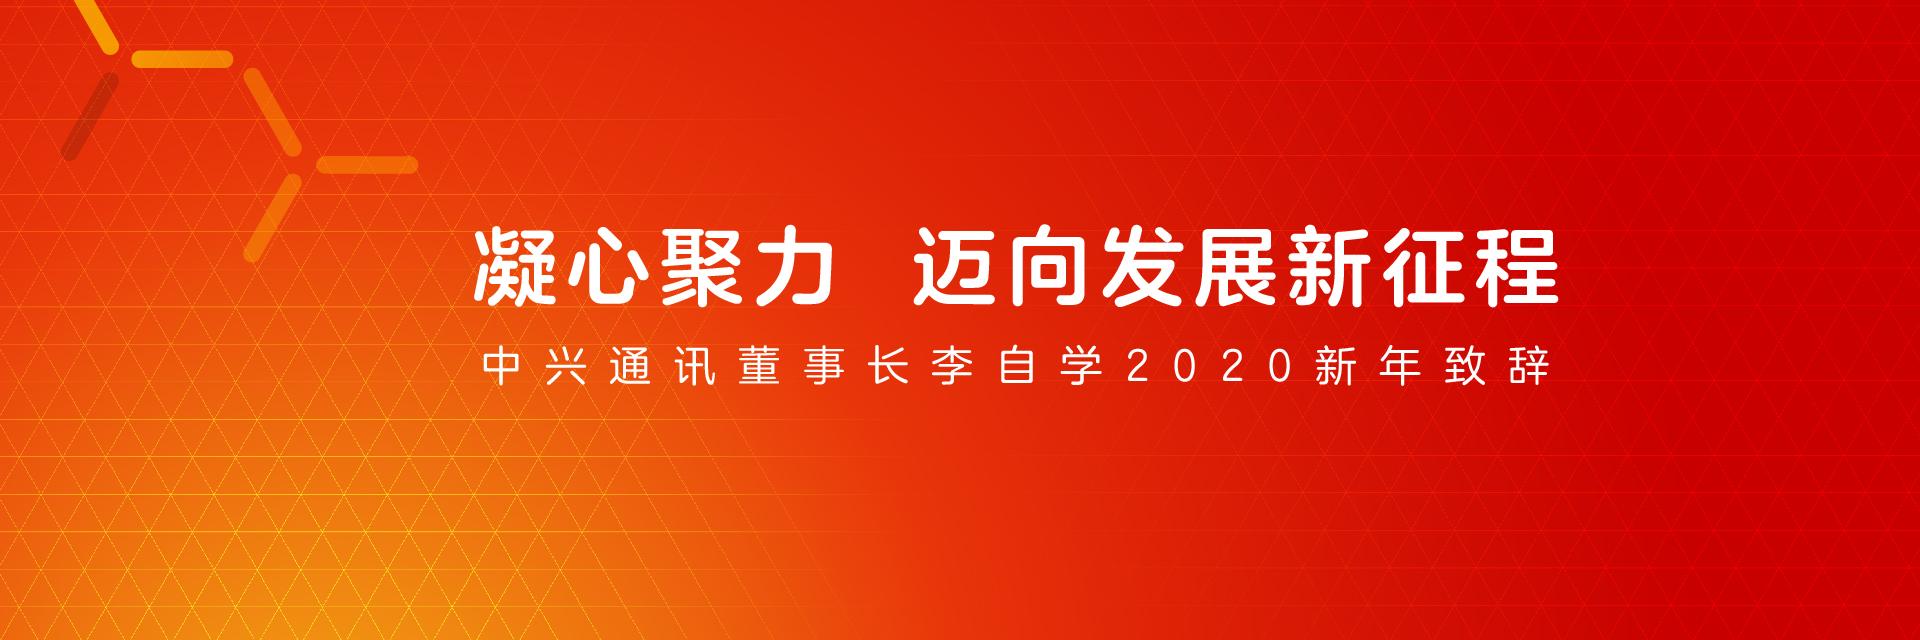 李自学董事长2020年新年致辞:凝心聚力,迈向发展新征程